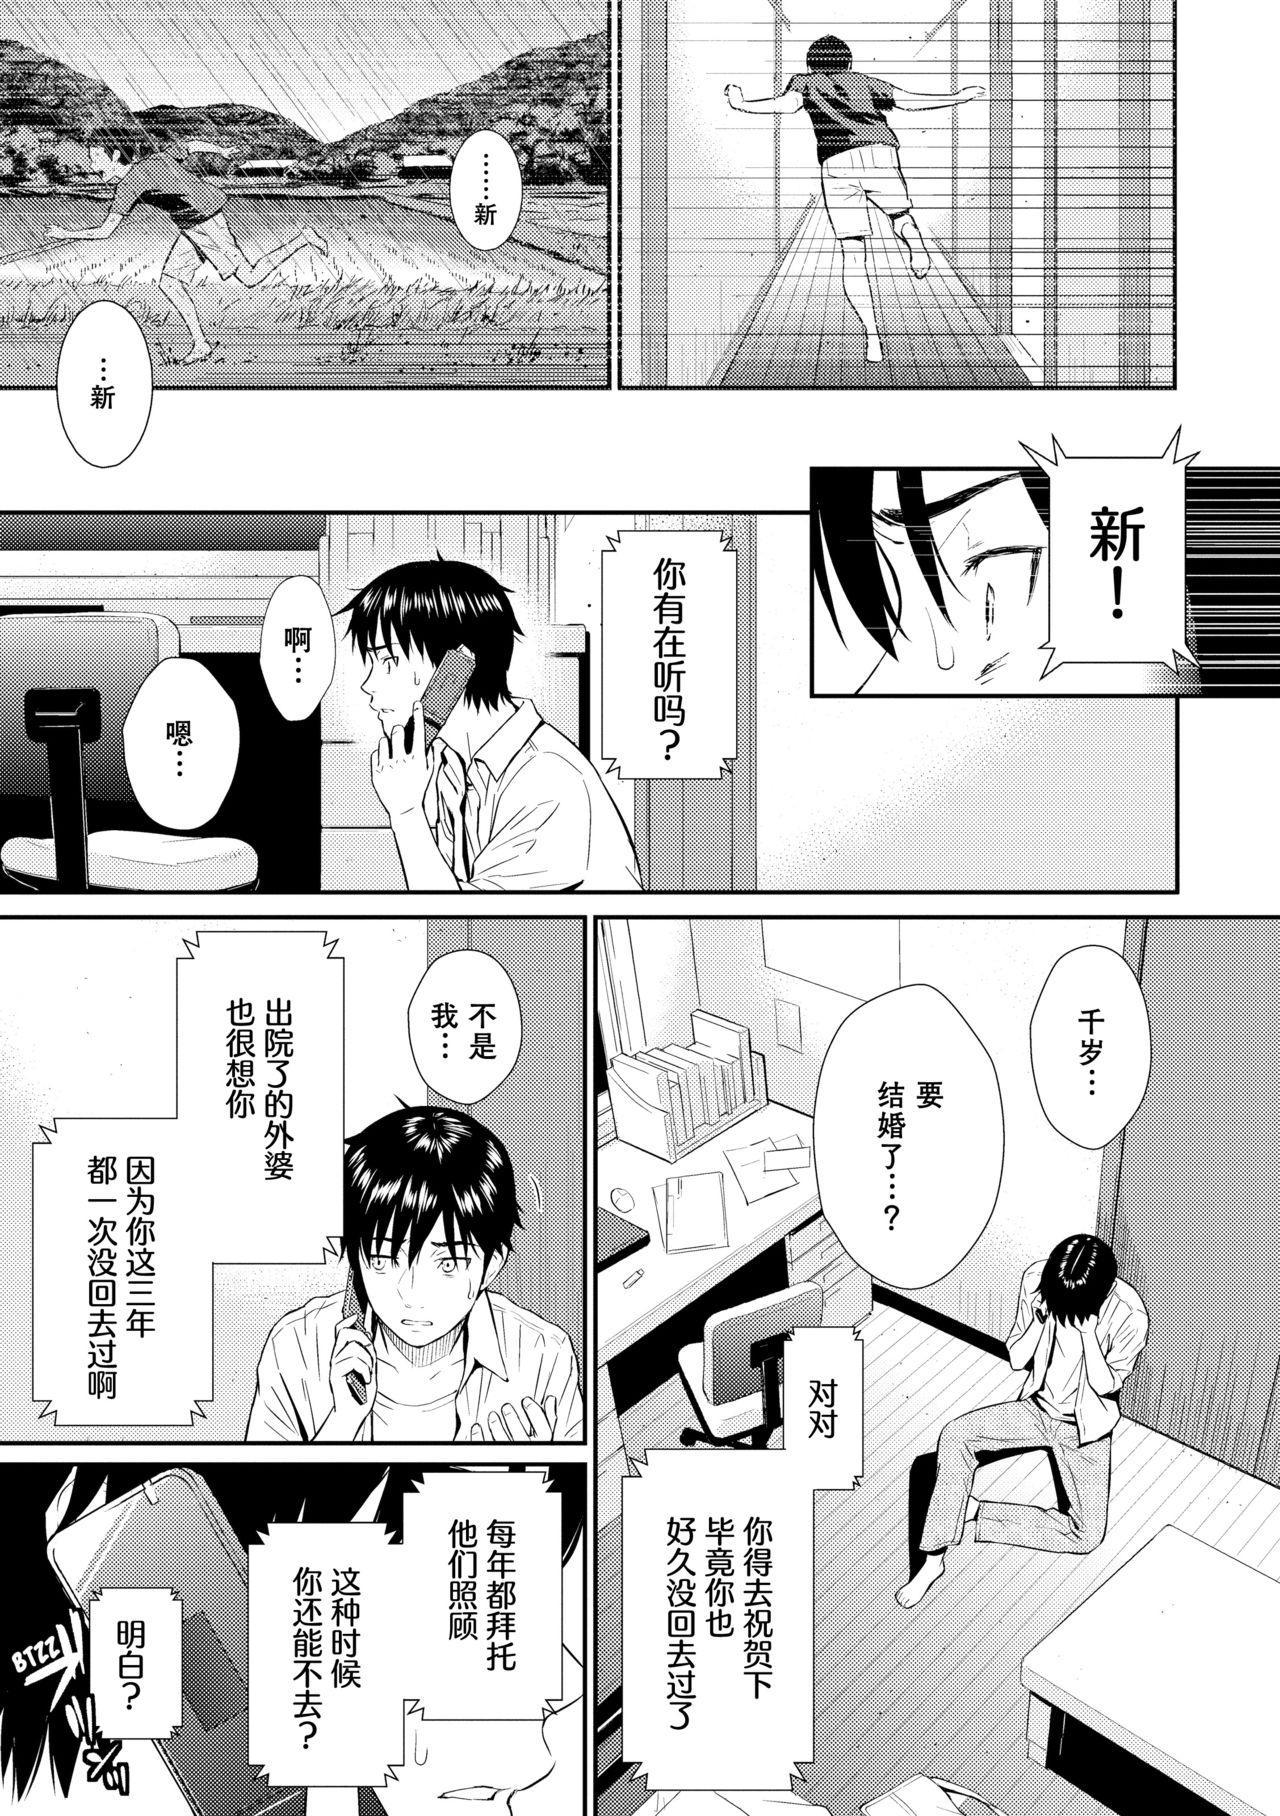 Natsu no Kemono | Summer's Beast 8